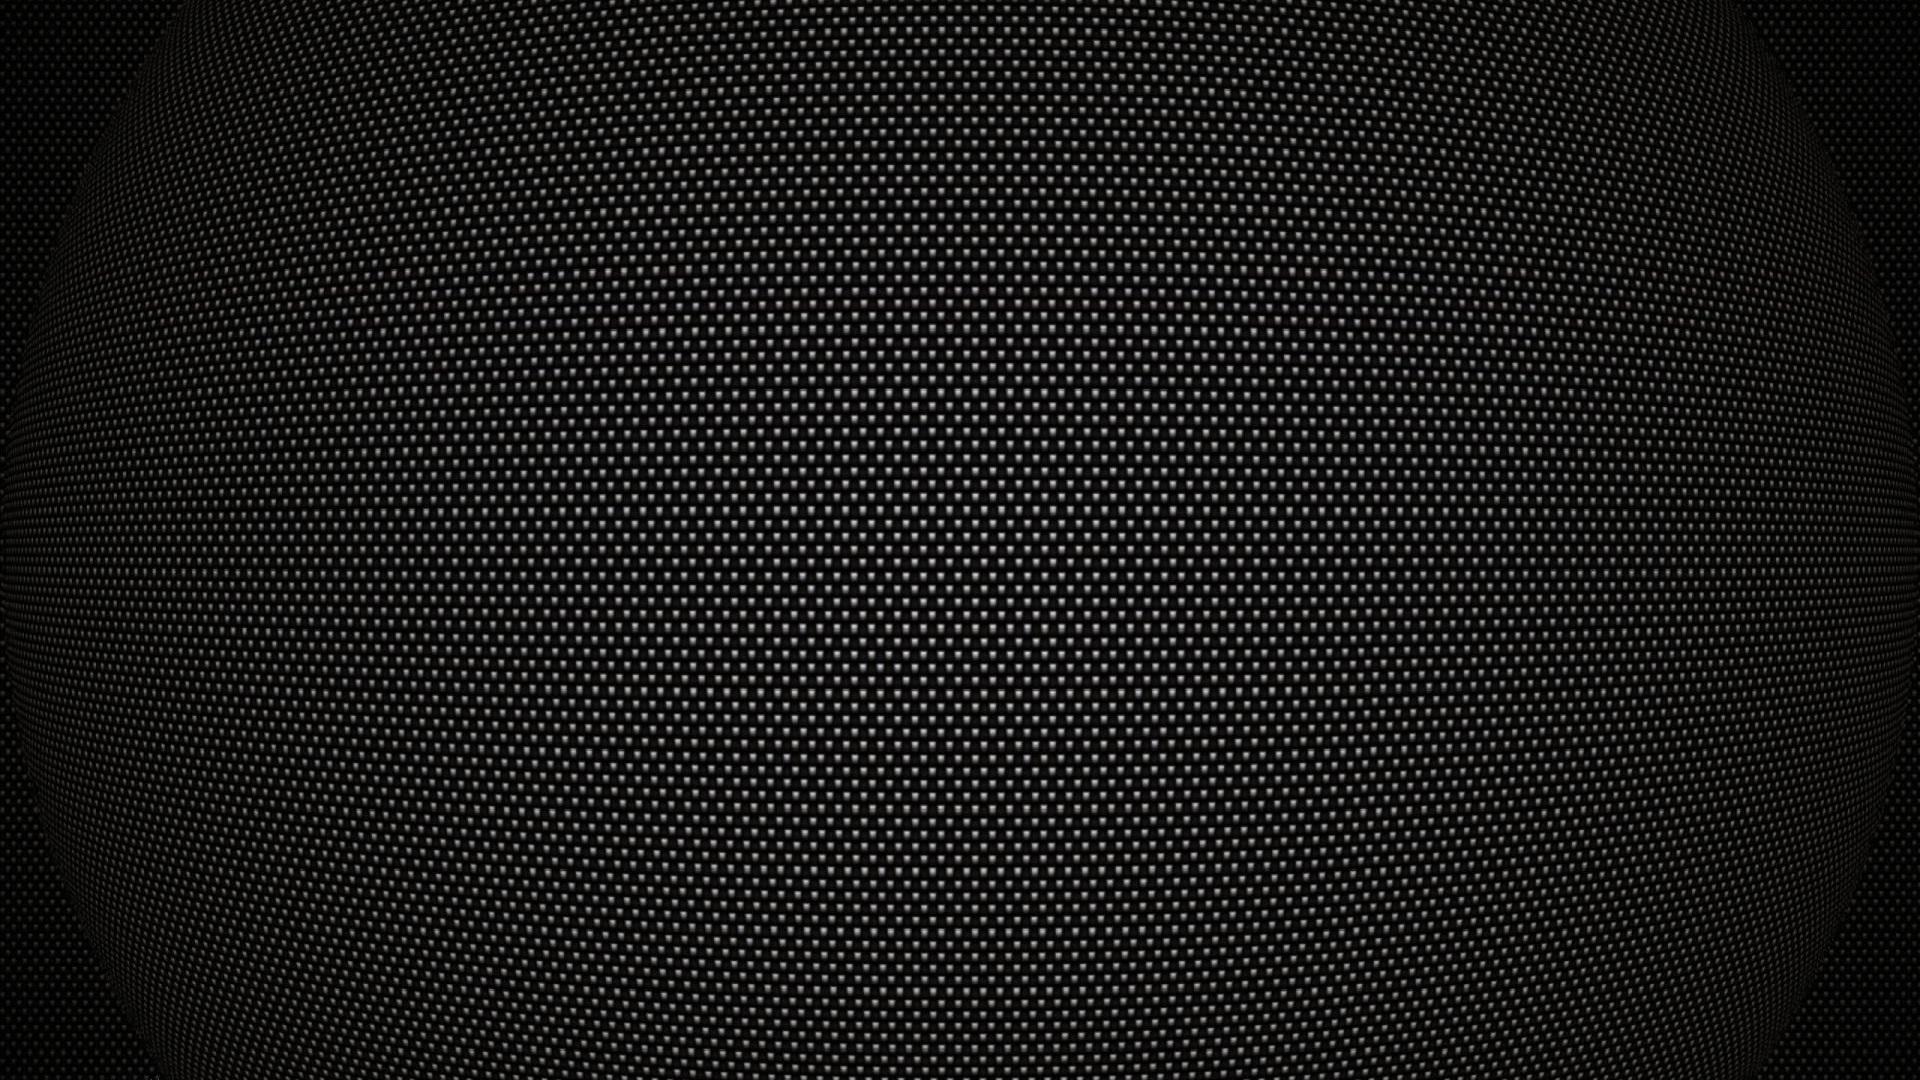 Plain Black Background Wallpaper 17 Widescreen Wallpaper ...